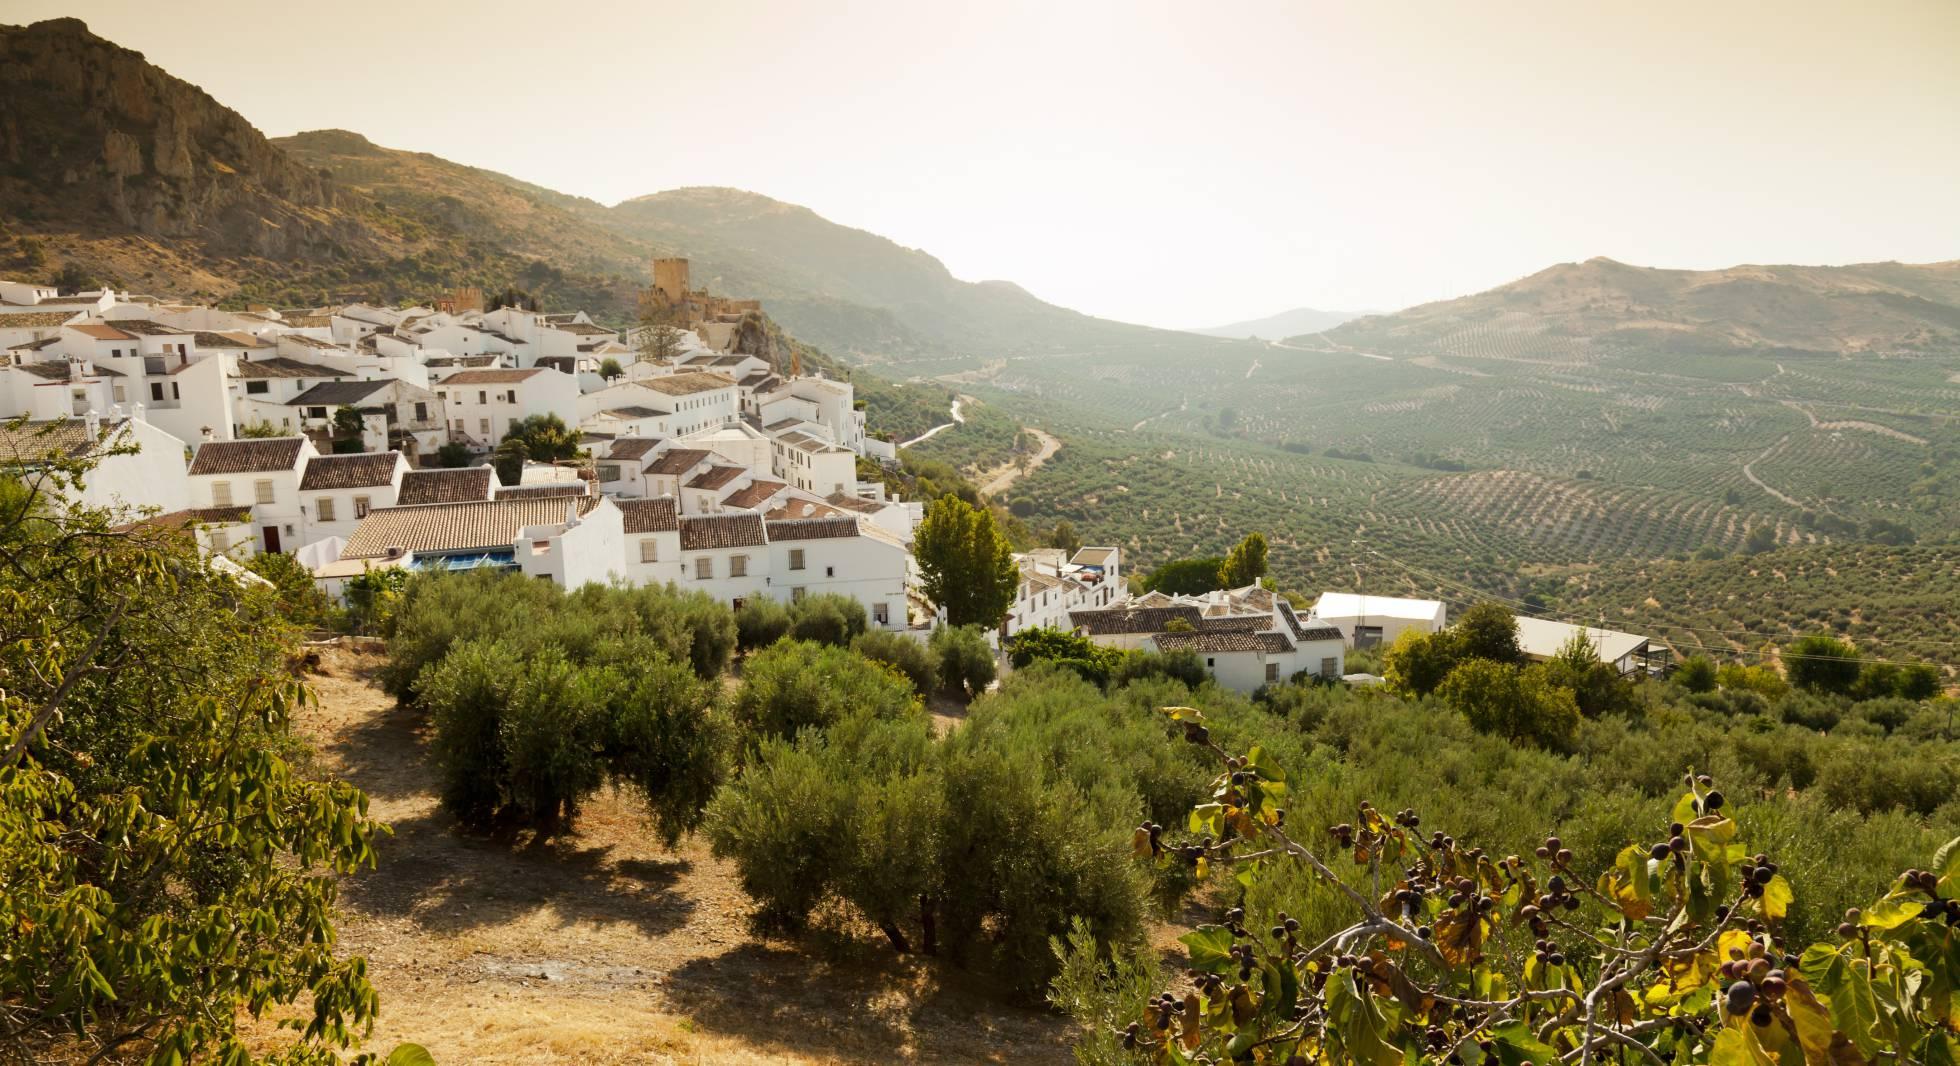 Los 10 pueblos más bonitos de Andalucía según los lectores de EL PAÍS